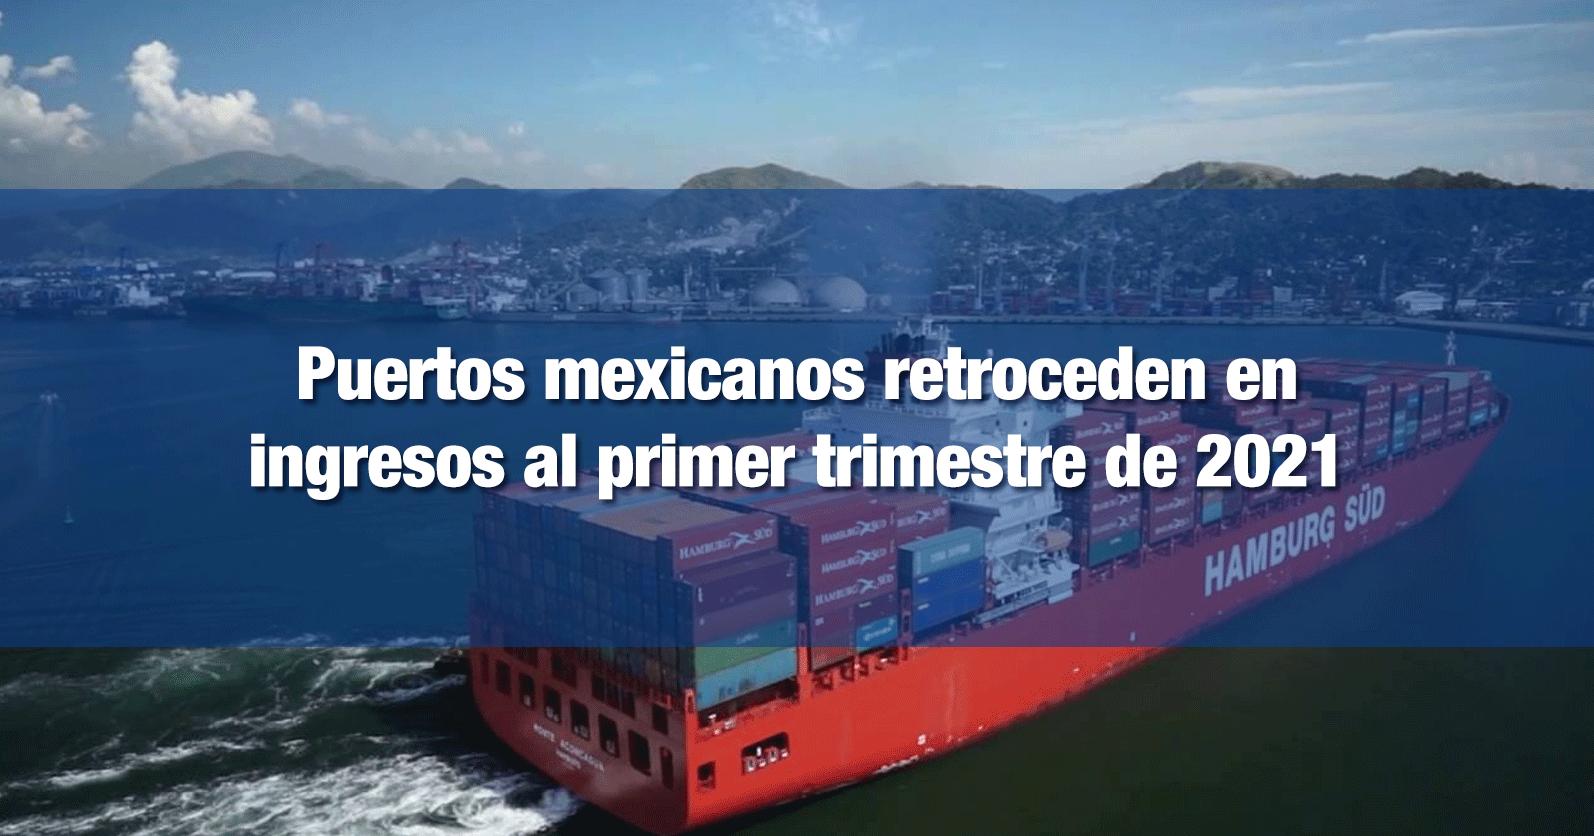 Puertos mexicanos retroceden en ingresos al primer trimestre de 2021